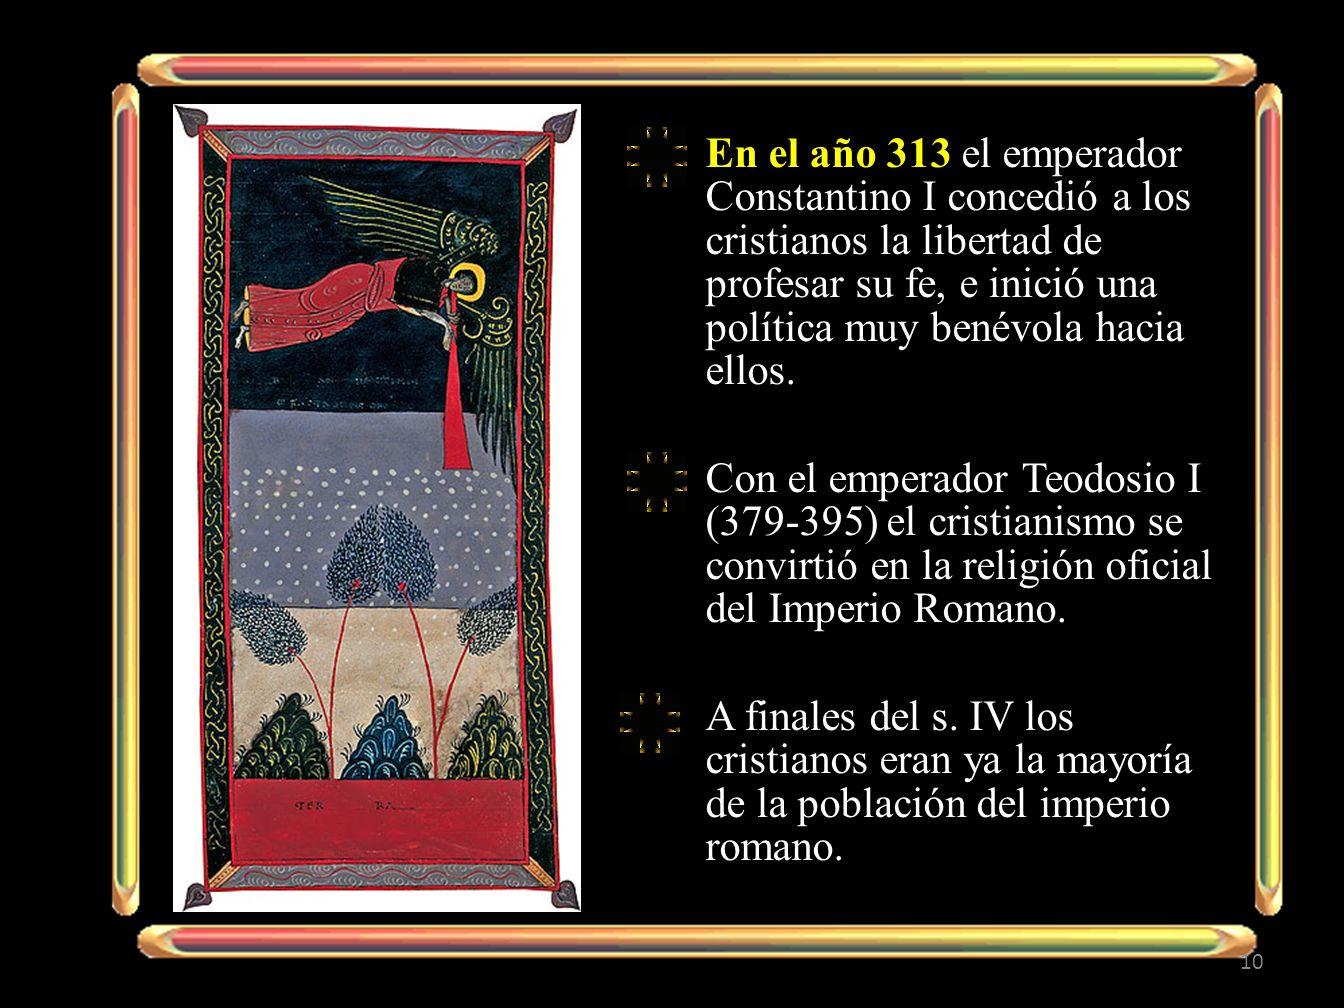 En el año 313 el emperador Constantino I concedió a los cristianos la libertad de profesar su fe, e inició una política muy benévola hacia ellos.